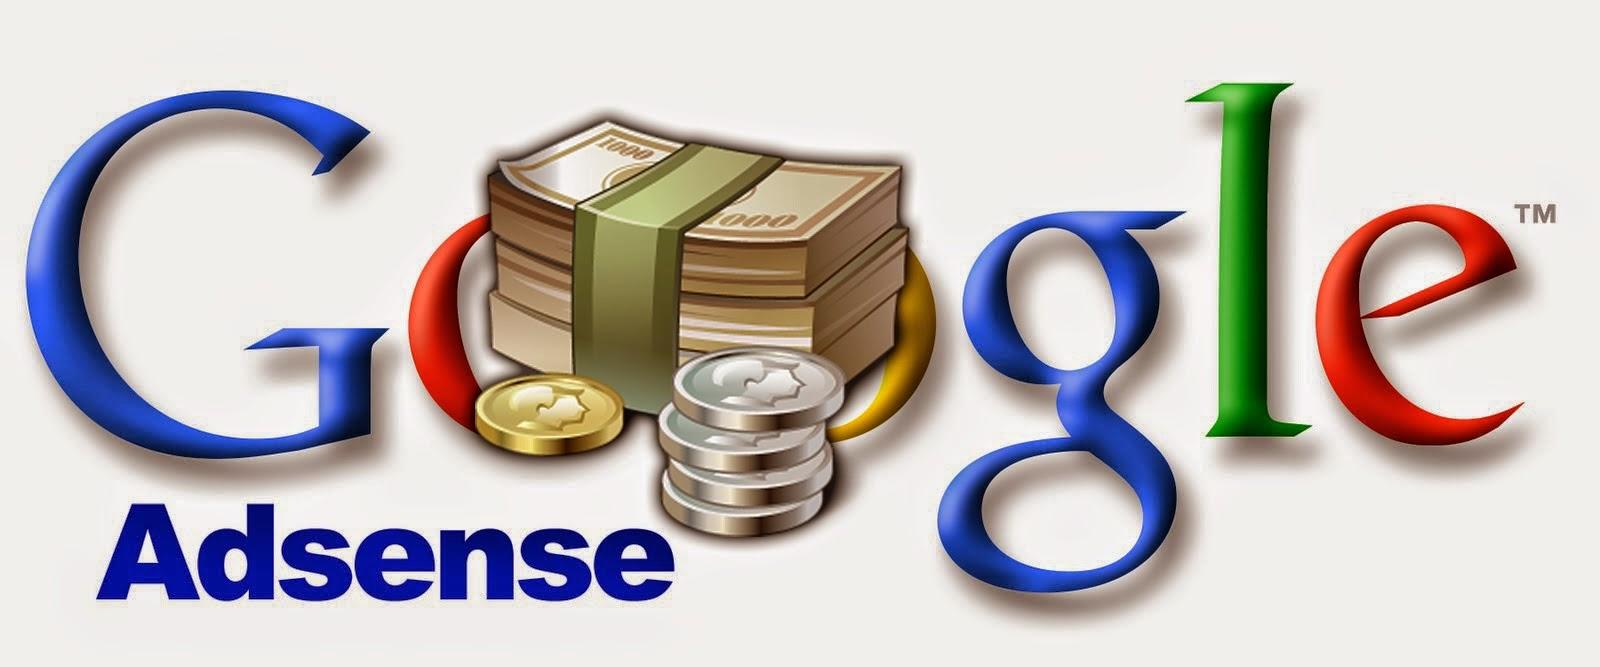 Google Adsense Onaylanma Şansı